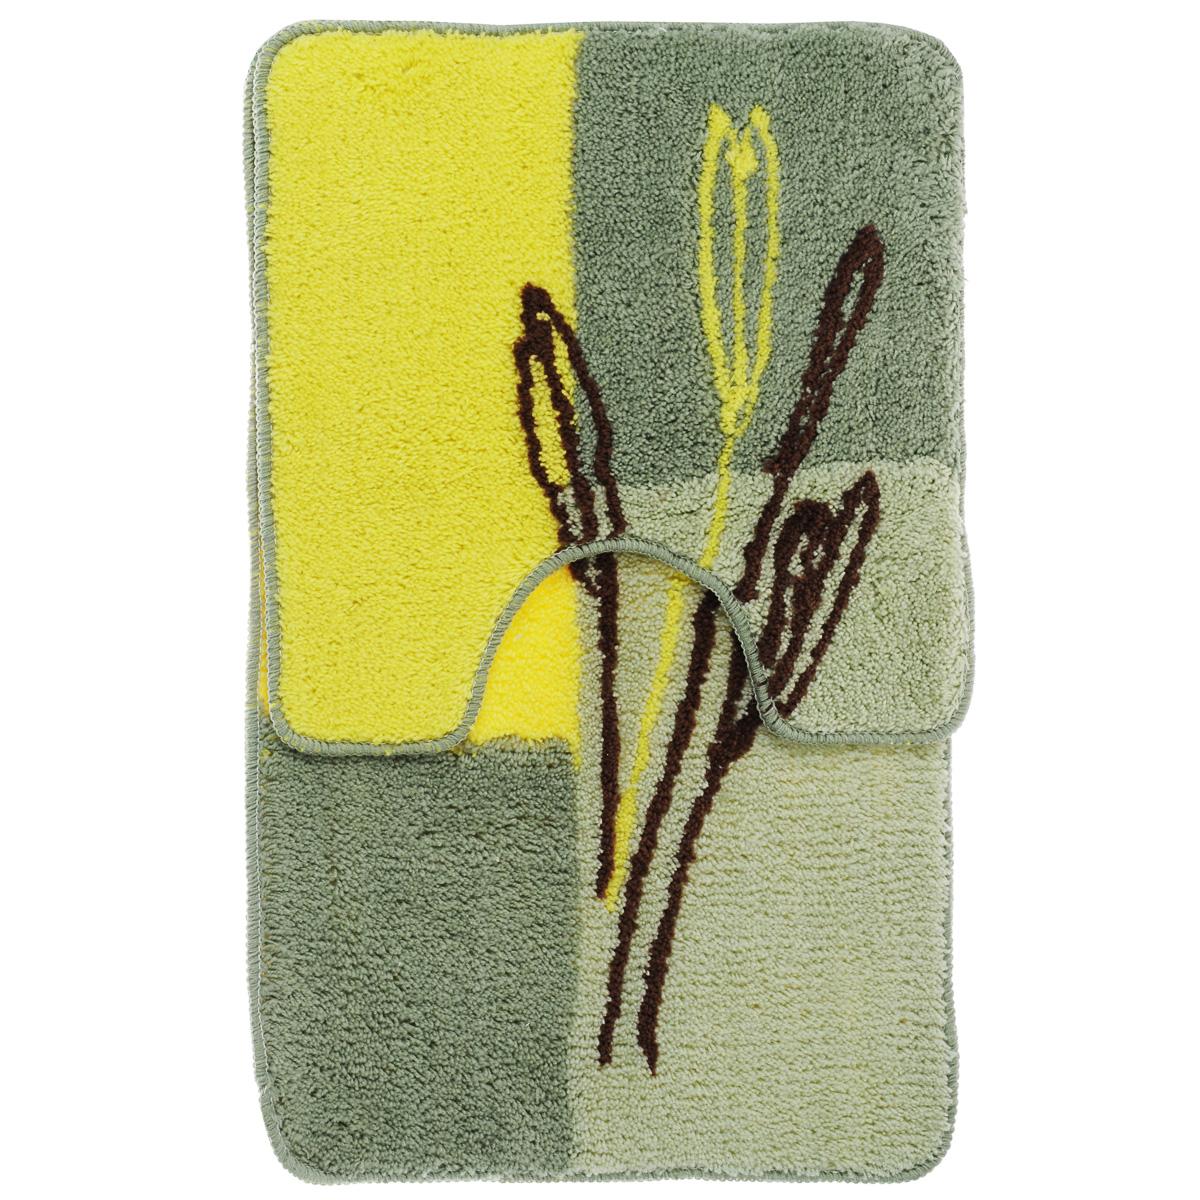 Комплект ковриков для ванной Fresh Code, цвет: зеленый, желтый, 2 предмета391602Комплект Fresh Code состоит из коврика для ванной комнаты и туалета. Коврики изготовлены из акрила. Это экологически чистый, быстросохнущий, мягкий и износостойкий материал. Красители устойчивы, поэтому коврики не потускнеют даже после многократных стирок в стиральной машине. Благодаря латексной основе коврики не скользят на полу. Края изделий обработаны оверлоком. Можно использовать на полу с подогревом. Набор для ванной Fresh Code подарит ощущение тепла и комфорта, а также привнесет уют в вашу ванную комнату. Высота ворса: 1 см. Размер коврика для ванной комнаты: 80 см х 50 см. Размер коврика для туалета: 50 см х 50 см.